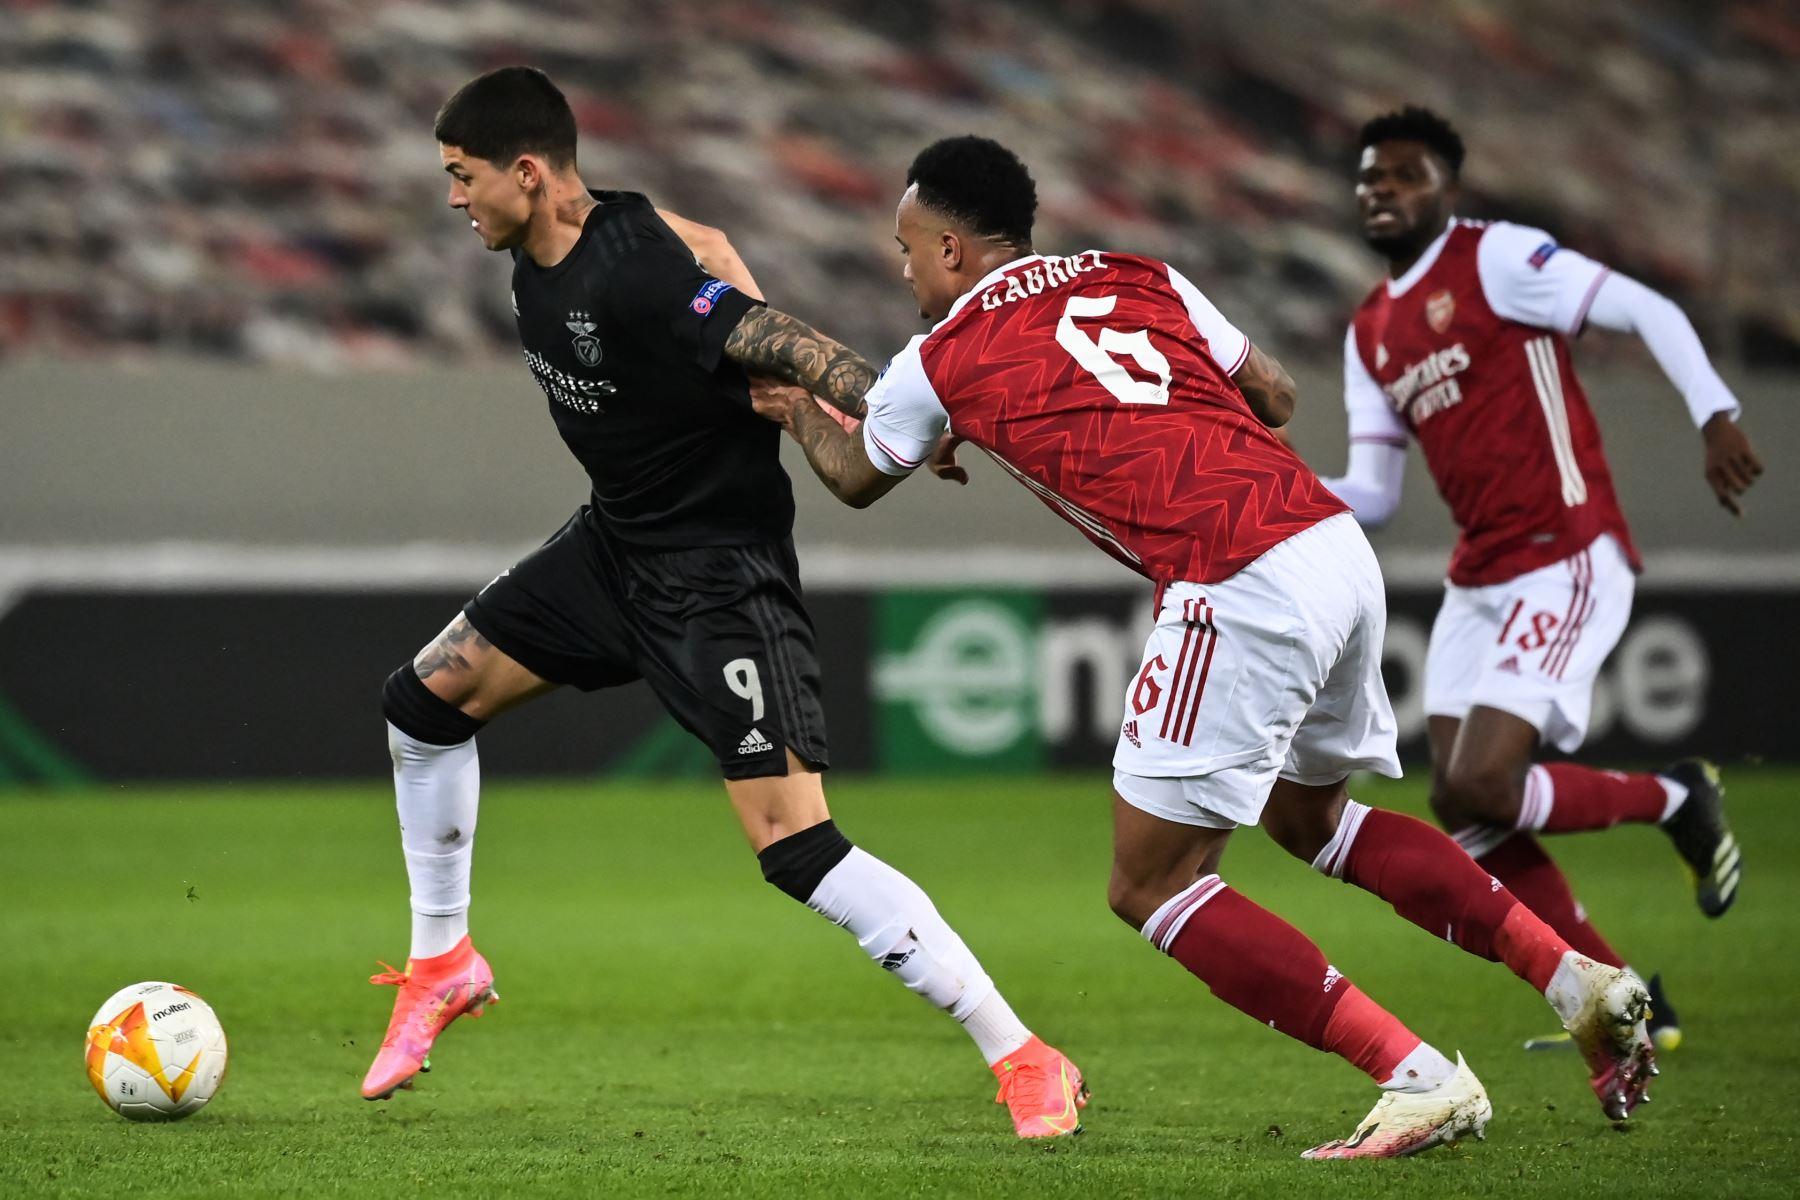 El delantero uruguayo del Benfica, Darwin Núñez, lucha por el balón con el defensor brasileño del Arsenal Gabriel durante el segundo partido de la UEFA Europa League. Foto: AFP